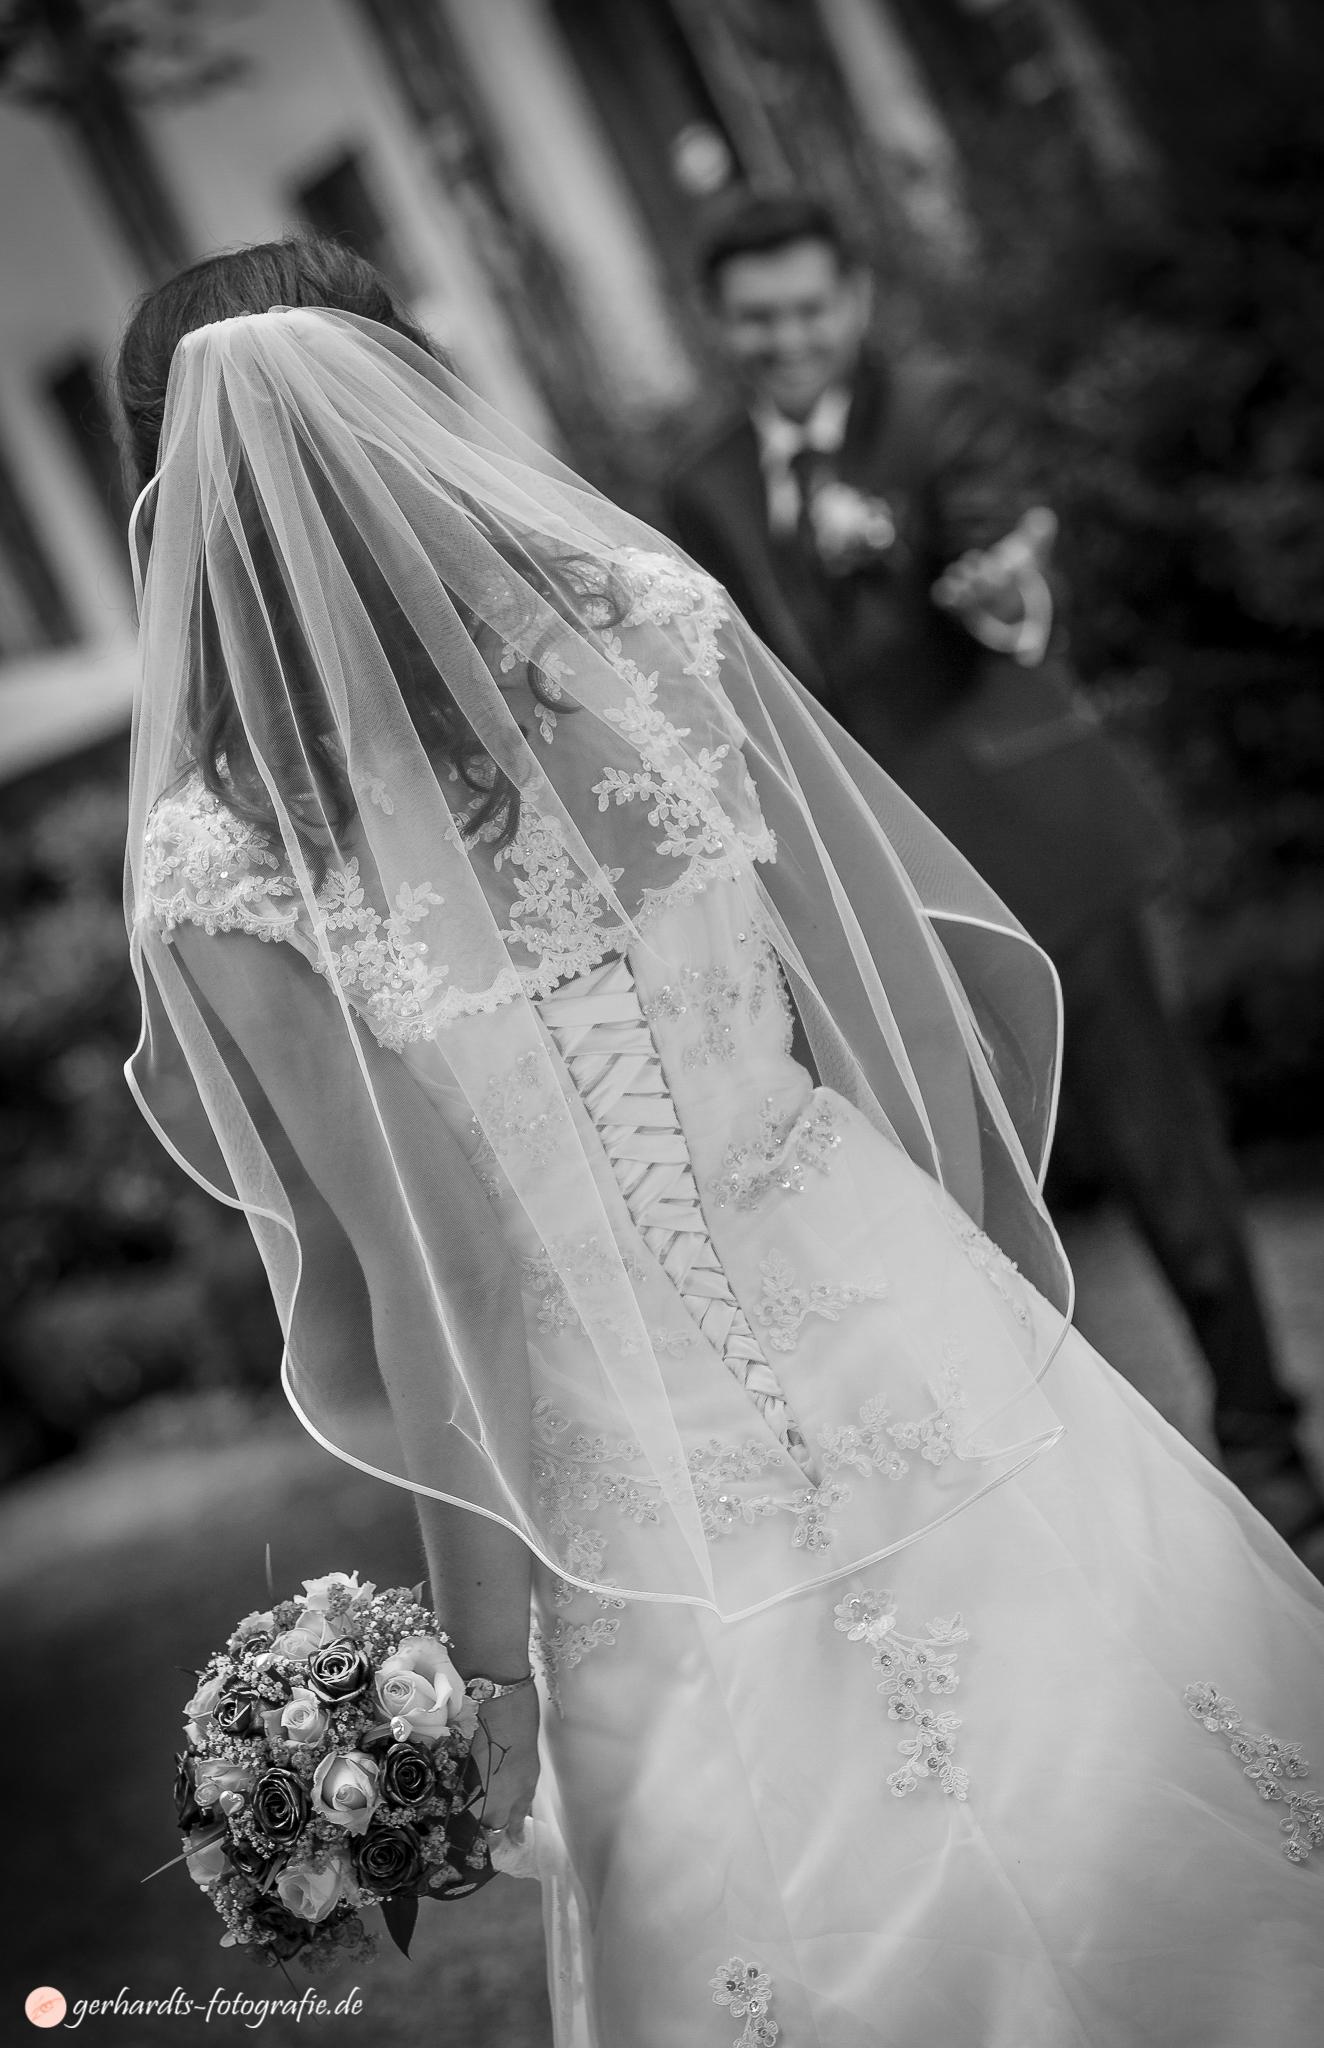 Hochzeitsfotograf Göttingen | Paarbild 2 | Hochzeitsfotografie